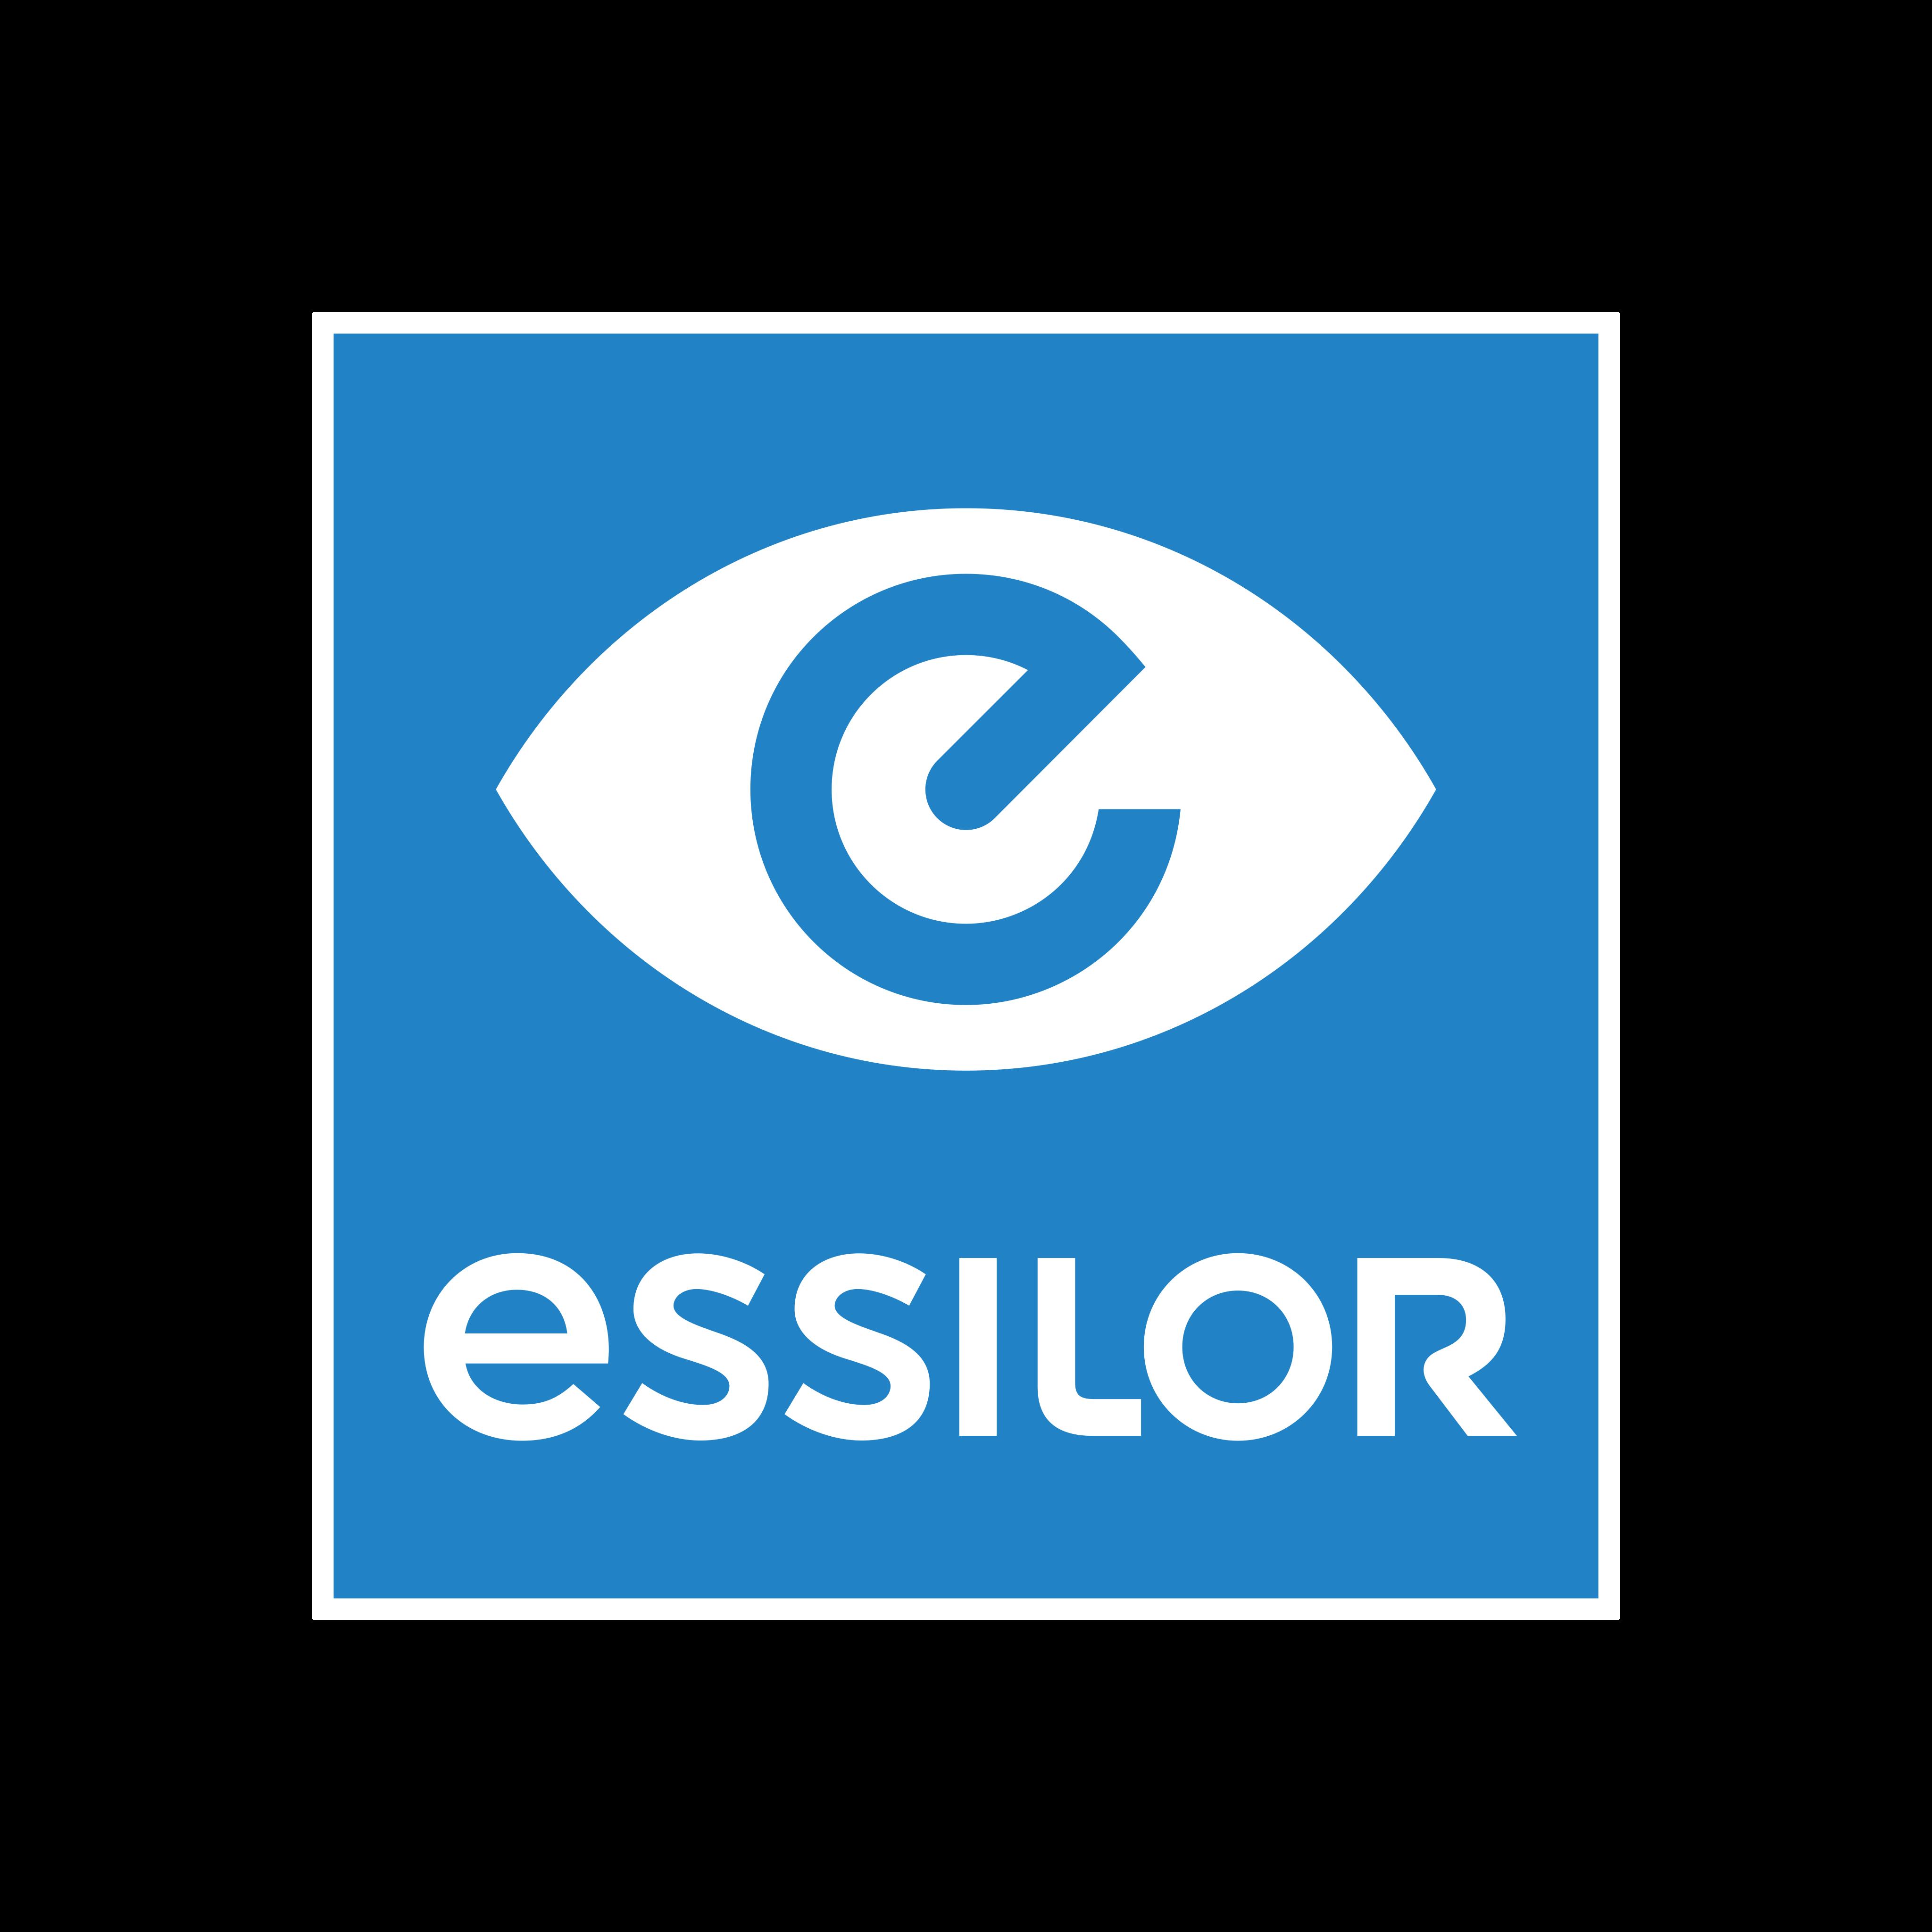 essilor logo 0 - Essilor Logo